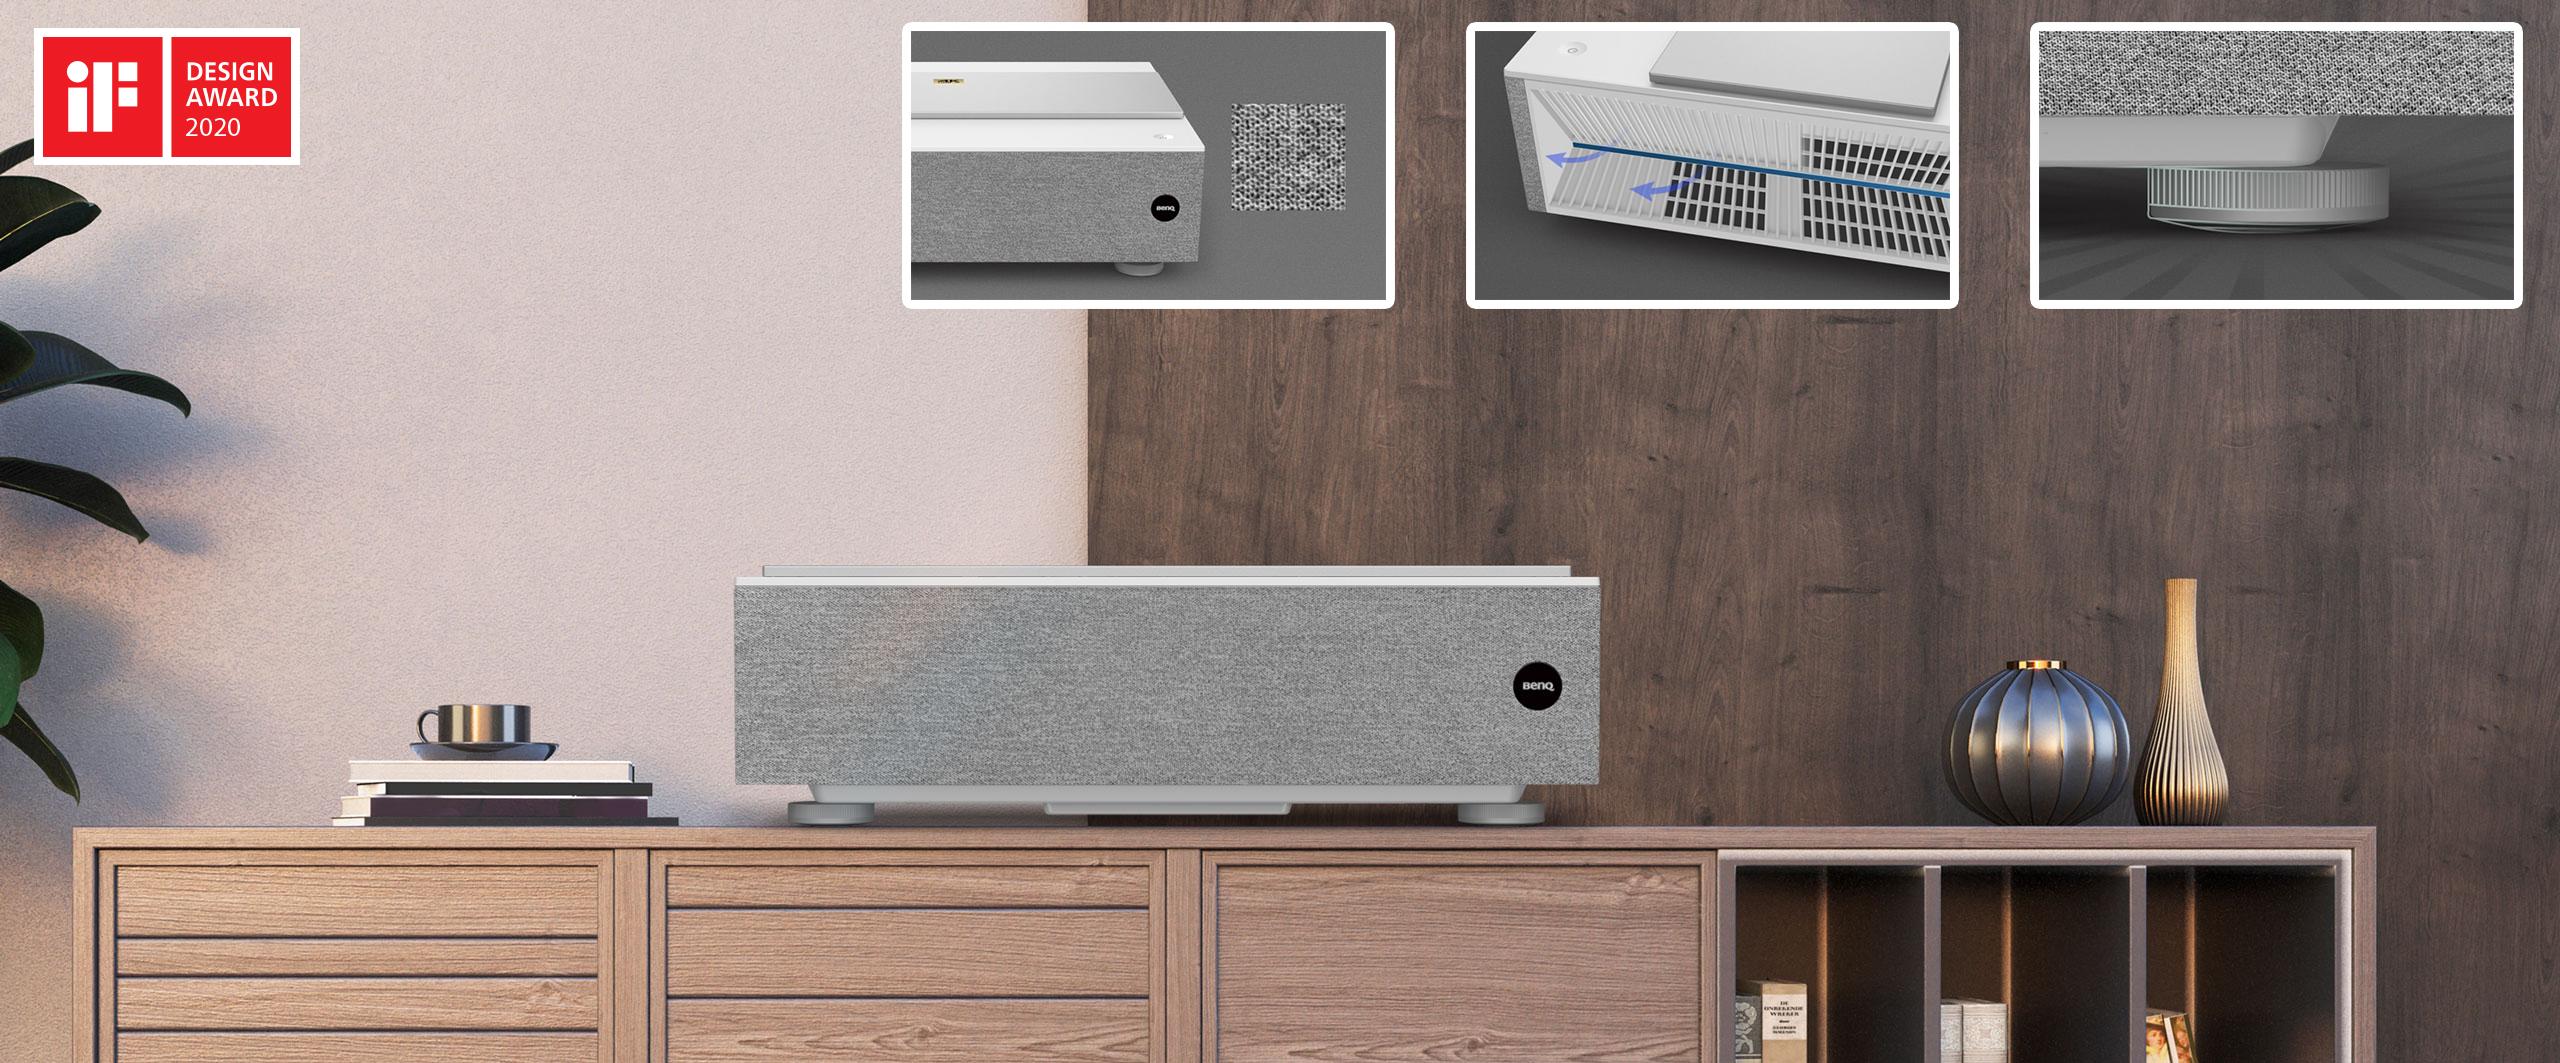 projector-lastertv-v6000-art-w-min.jpg